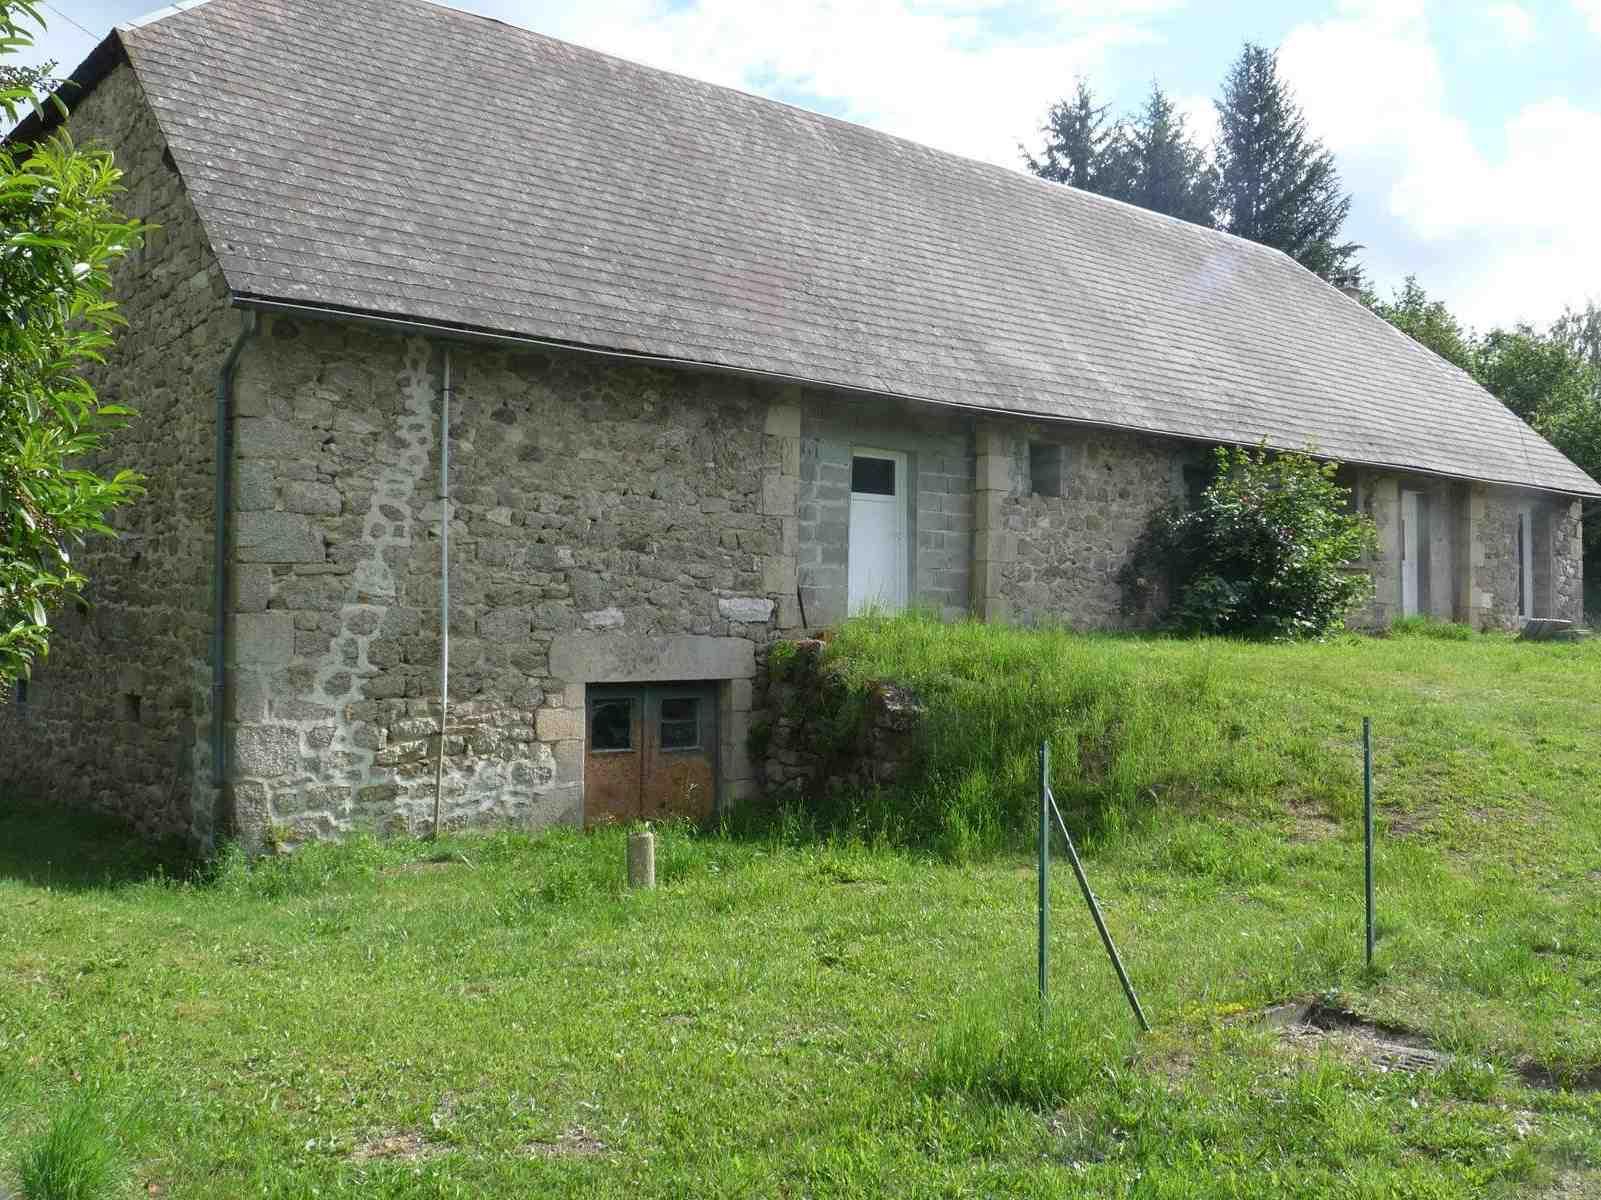 Comment adapter une maison de ferme?